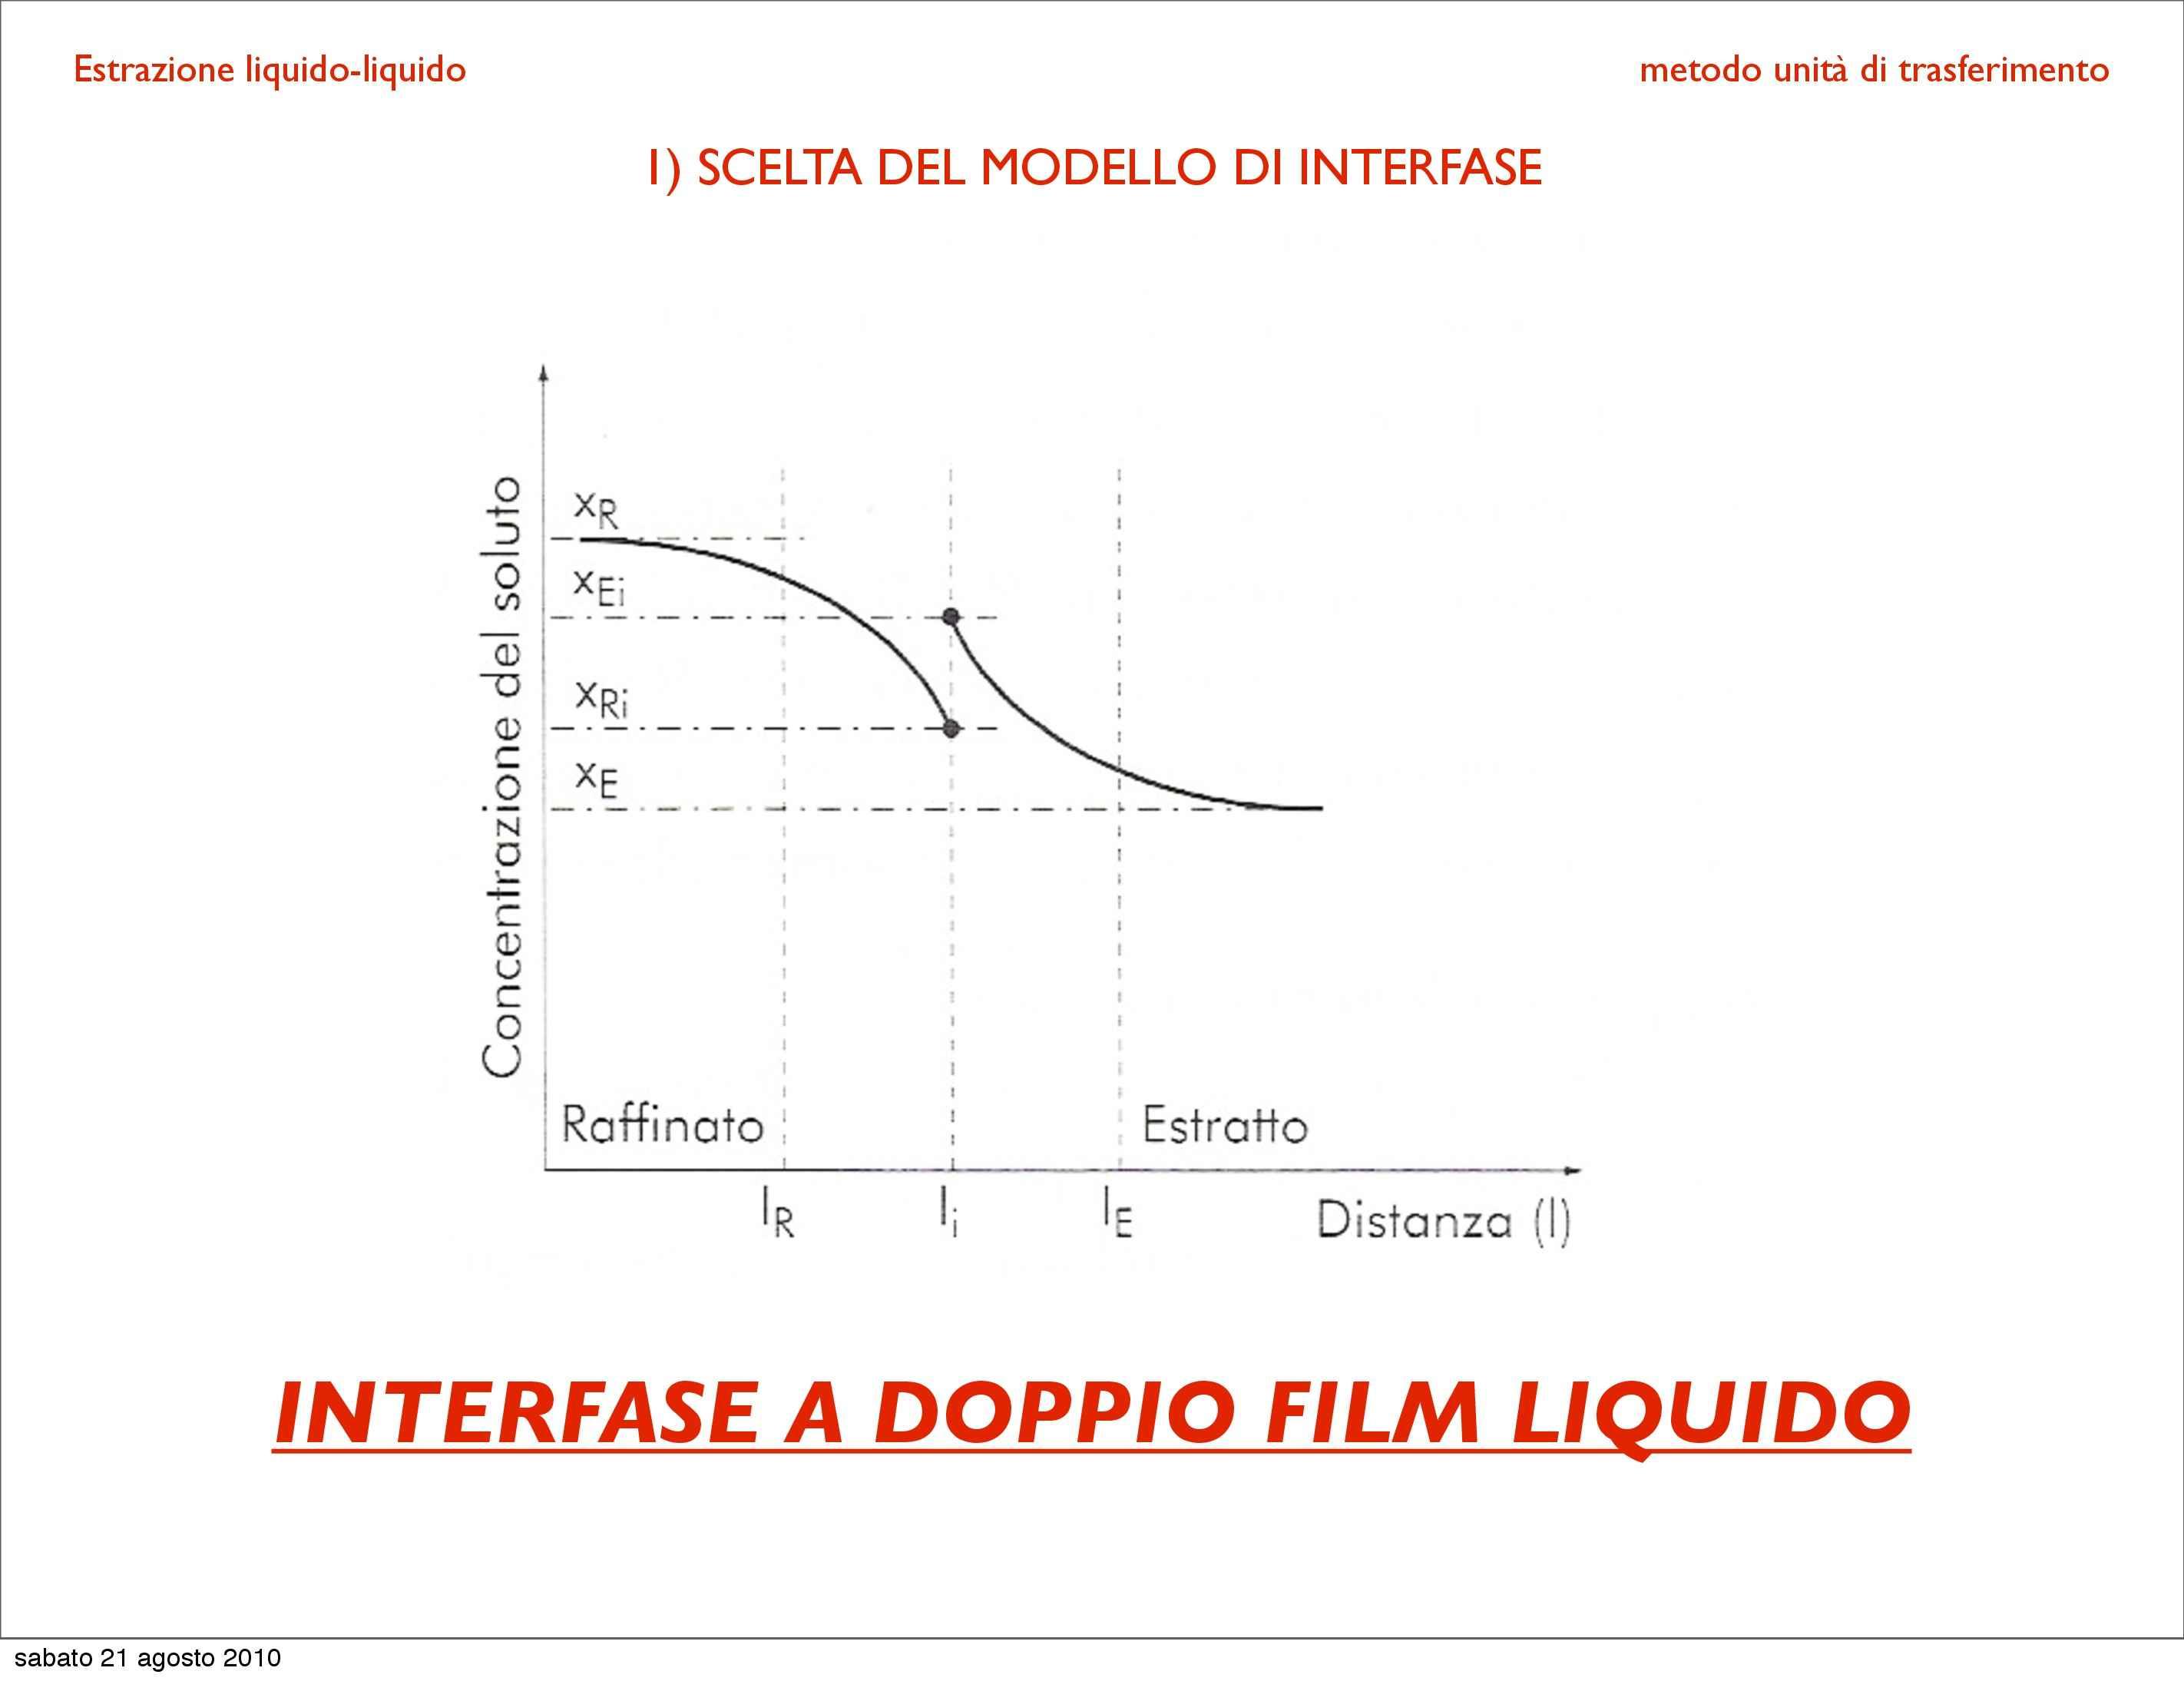 Chimica - estrazione liquido-liquido unità di trasferimento Pag. 2